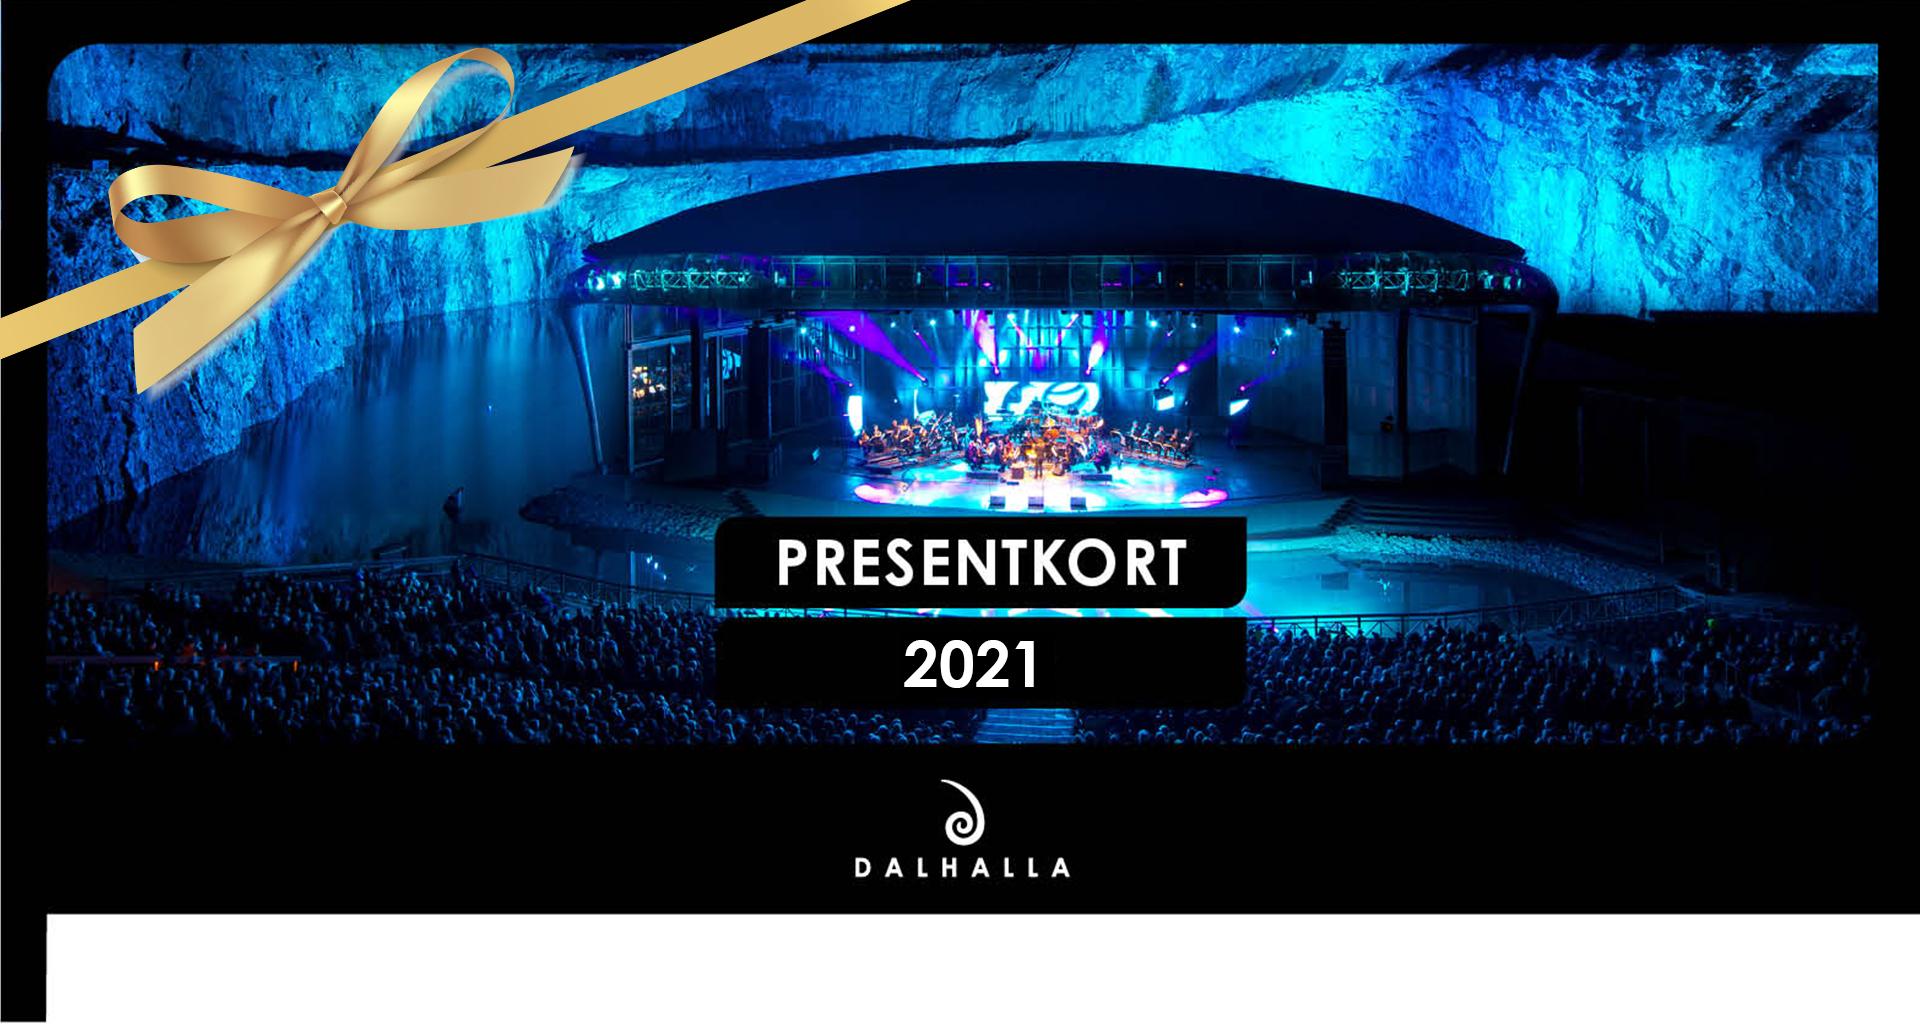 presentkort_rosett_2021